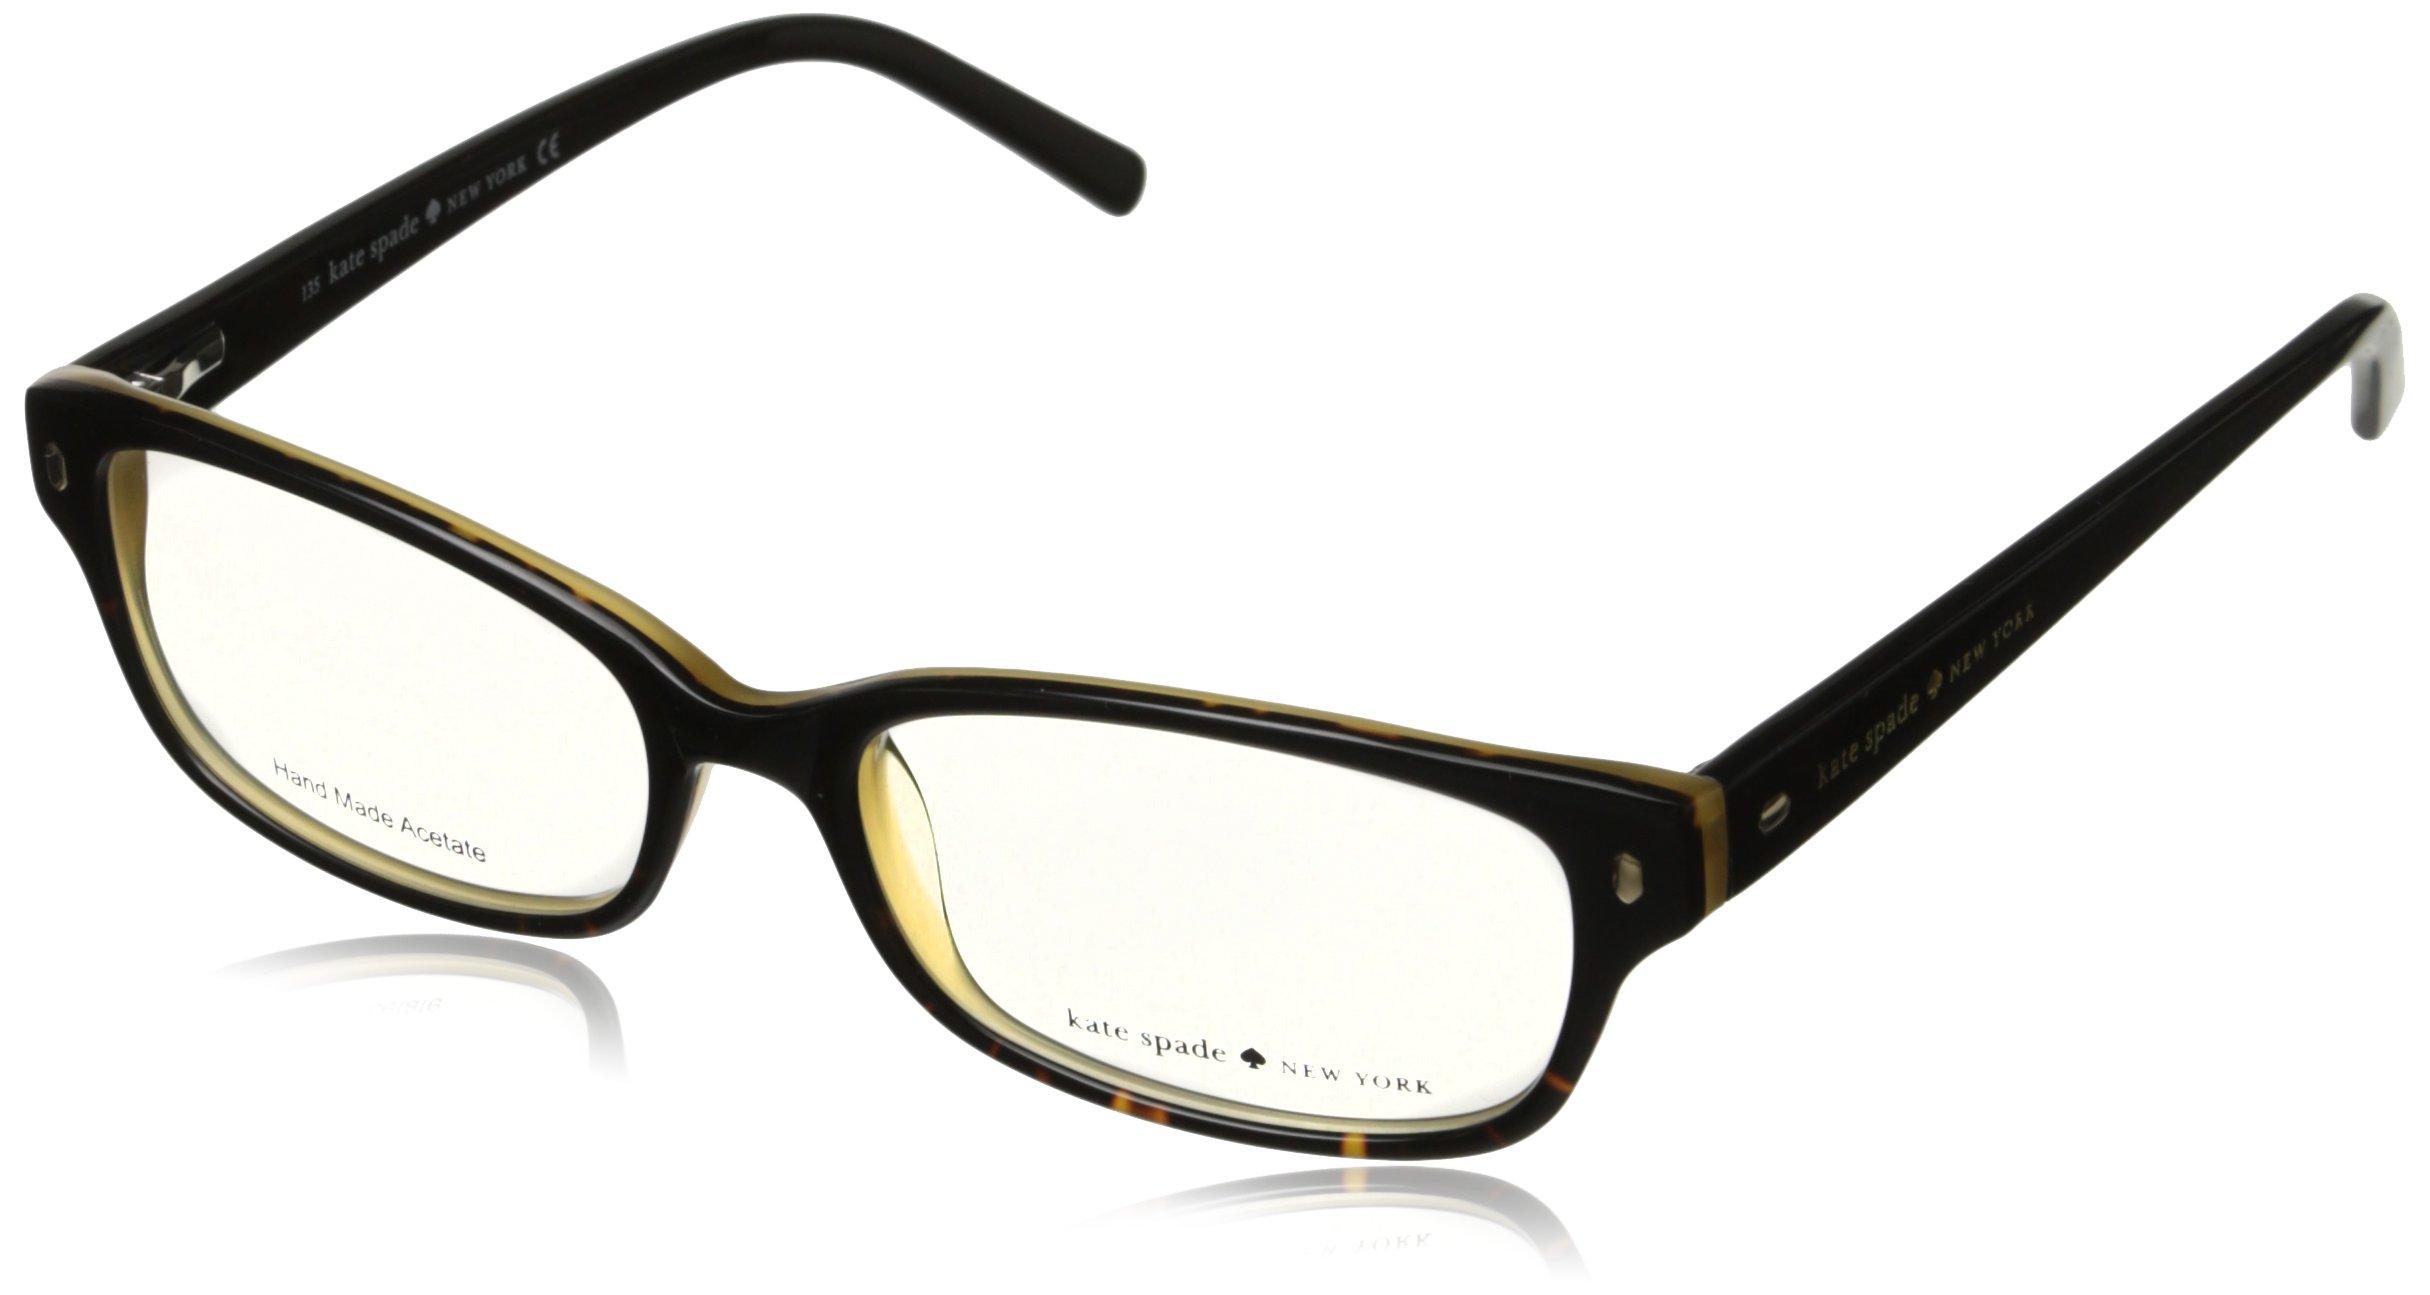 Kate Spade Lucyann Eyeglasses-0JYY Black Tortoise Fade-49mm